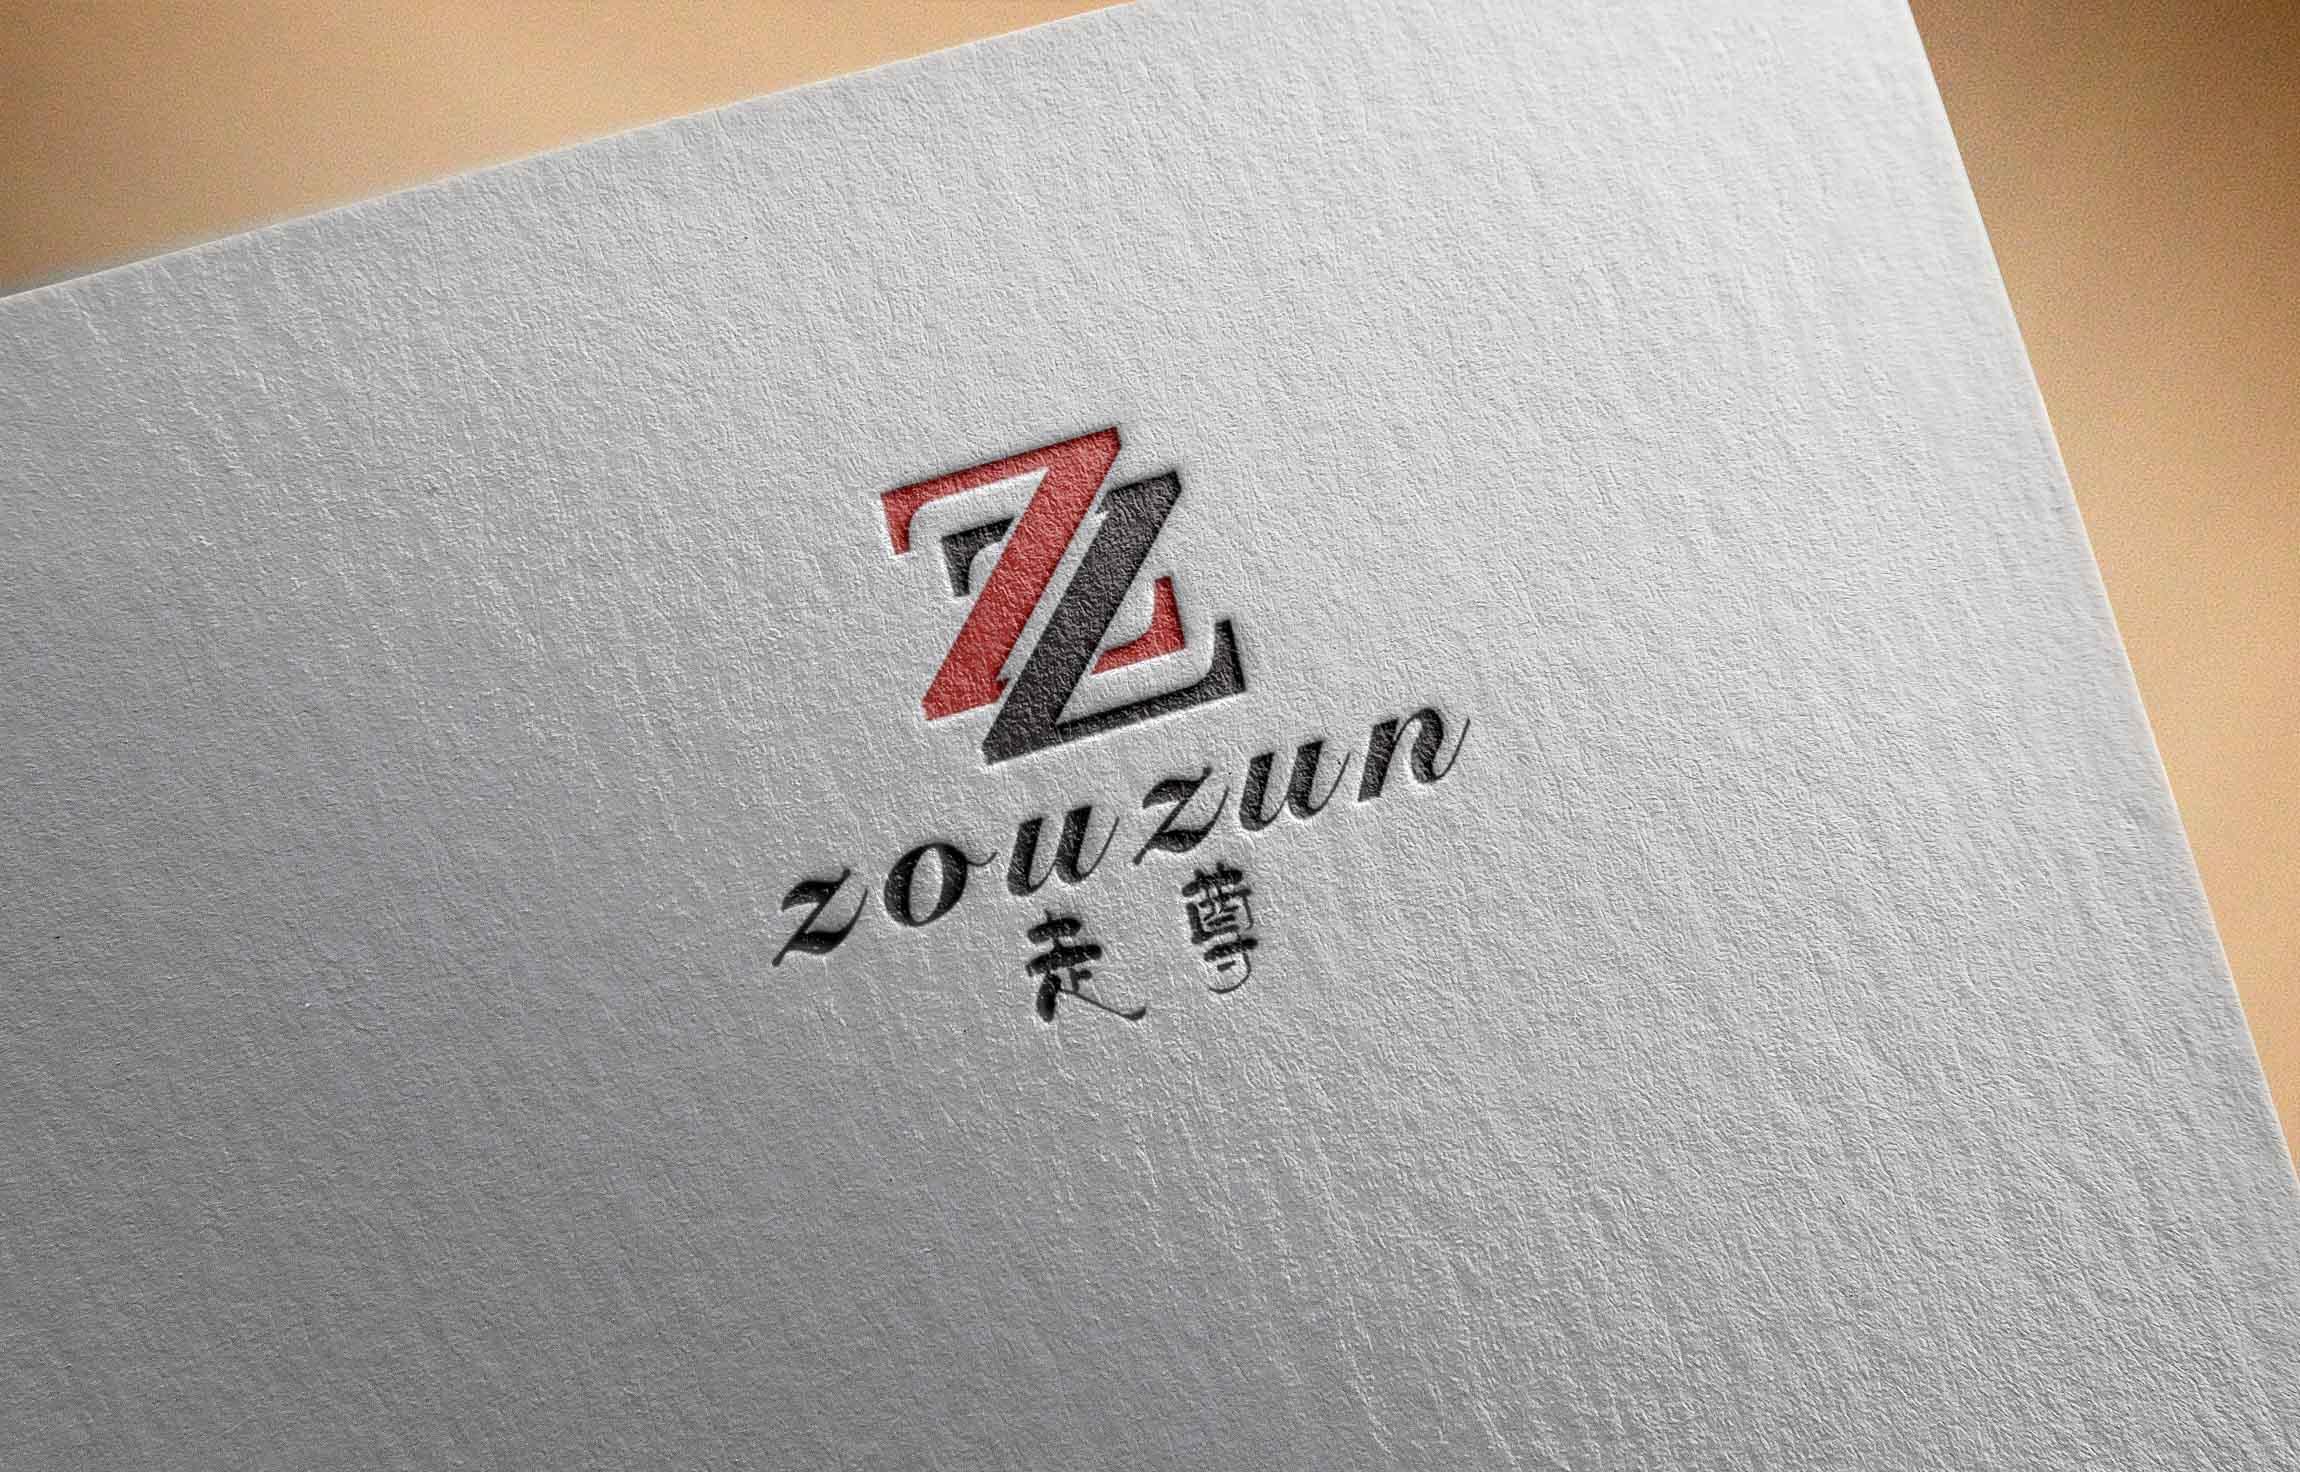 logo标志设计_3033261_k68威客网